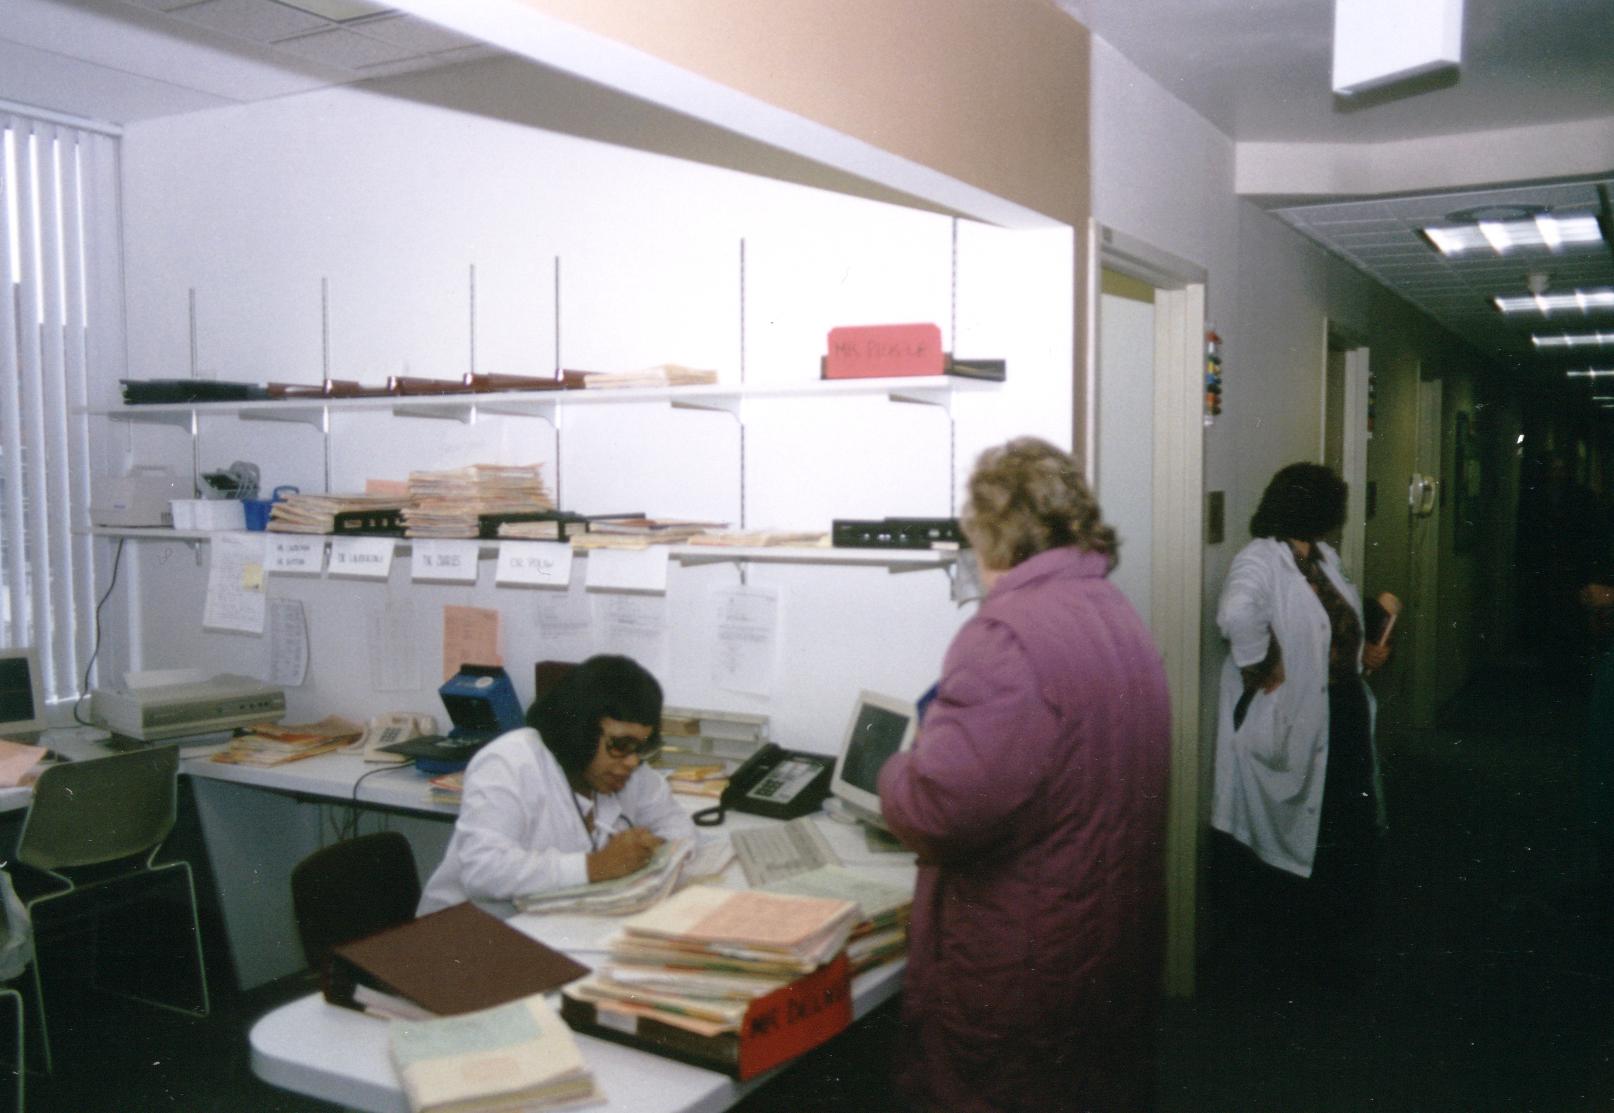 rush_hospital_nurses_station3.jpg